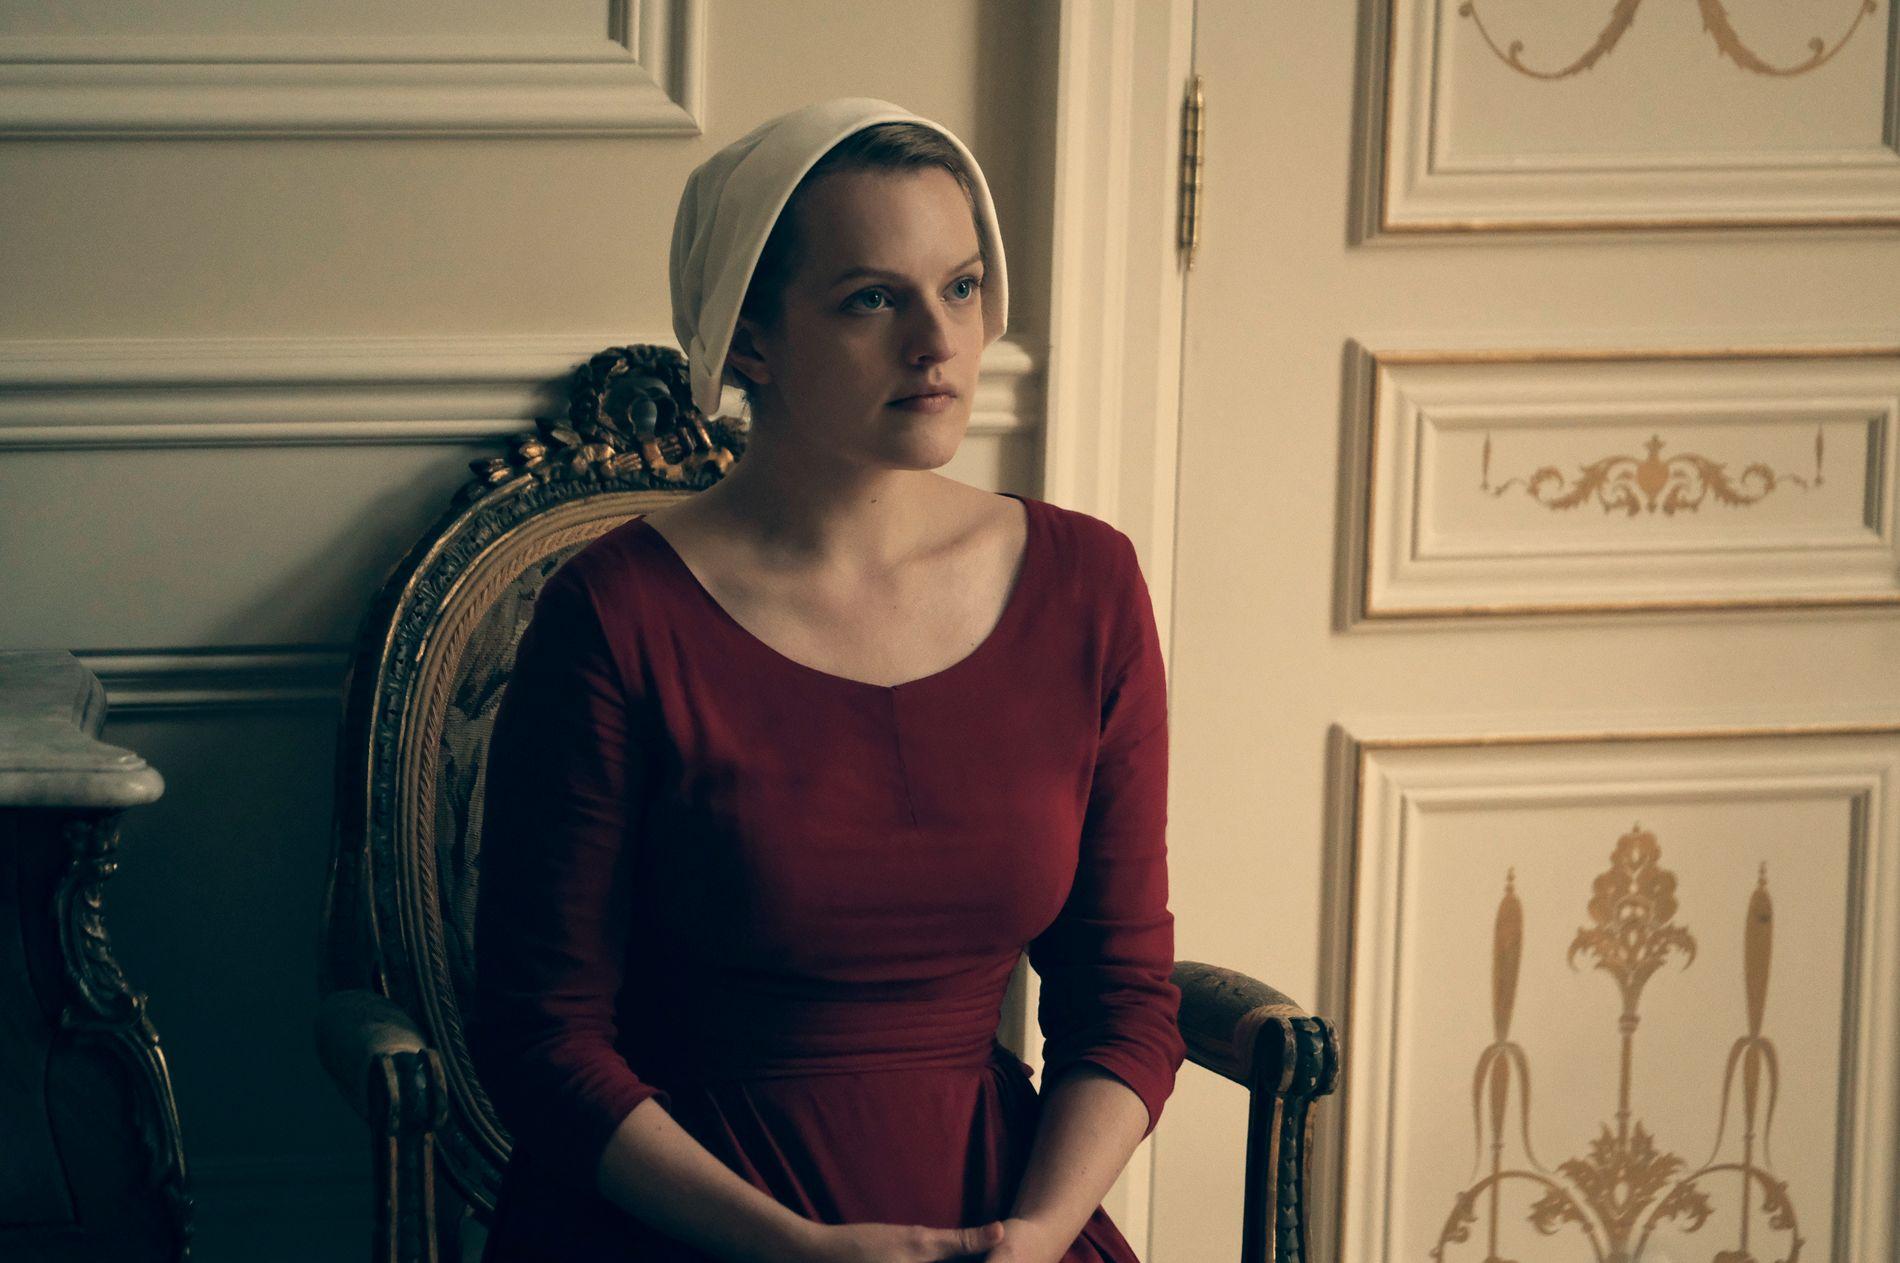 STORSPILLER: Elisabeth Moss vant Emmy-pris og er Golden Globe-nominert for rollen som Offred i «The Handmaid's Tale».